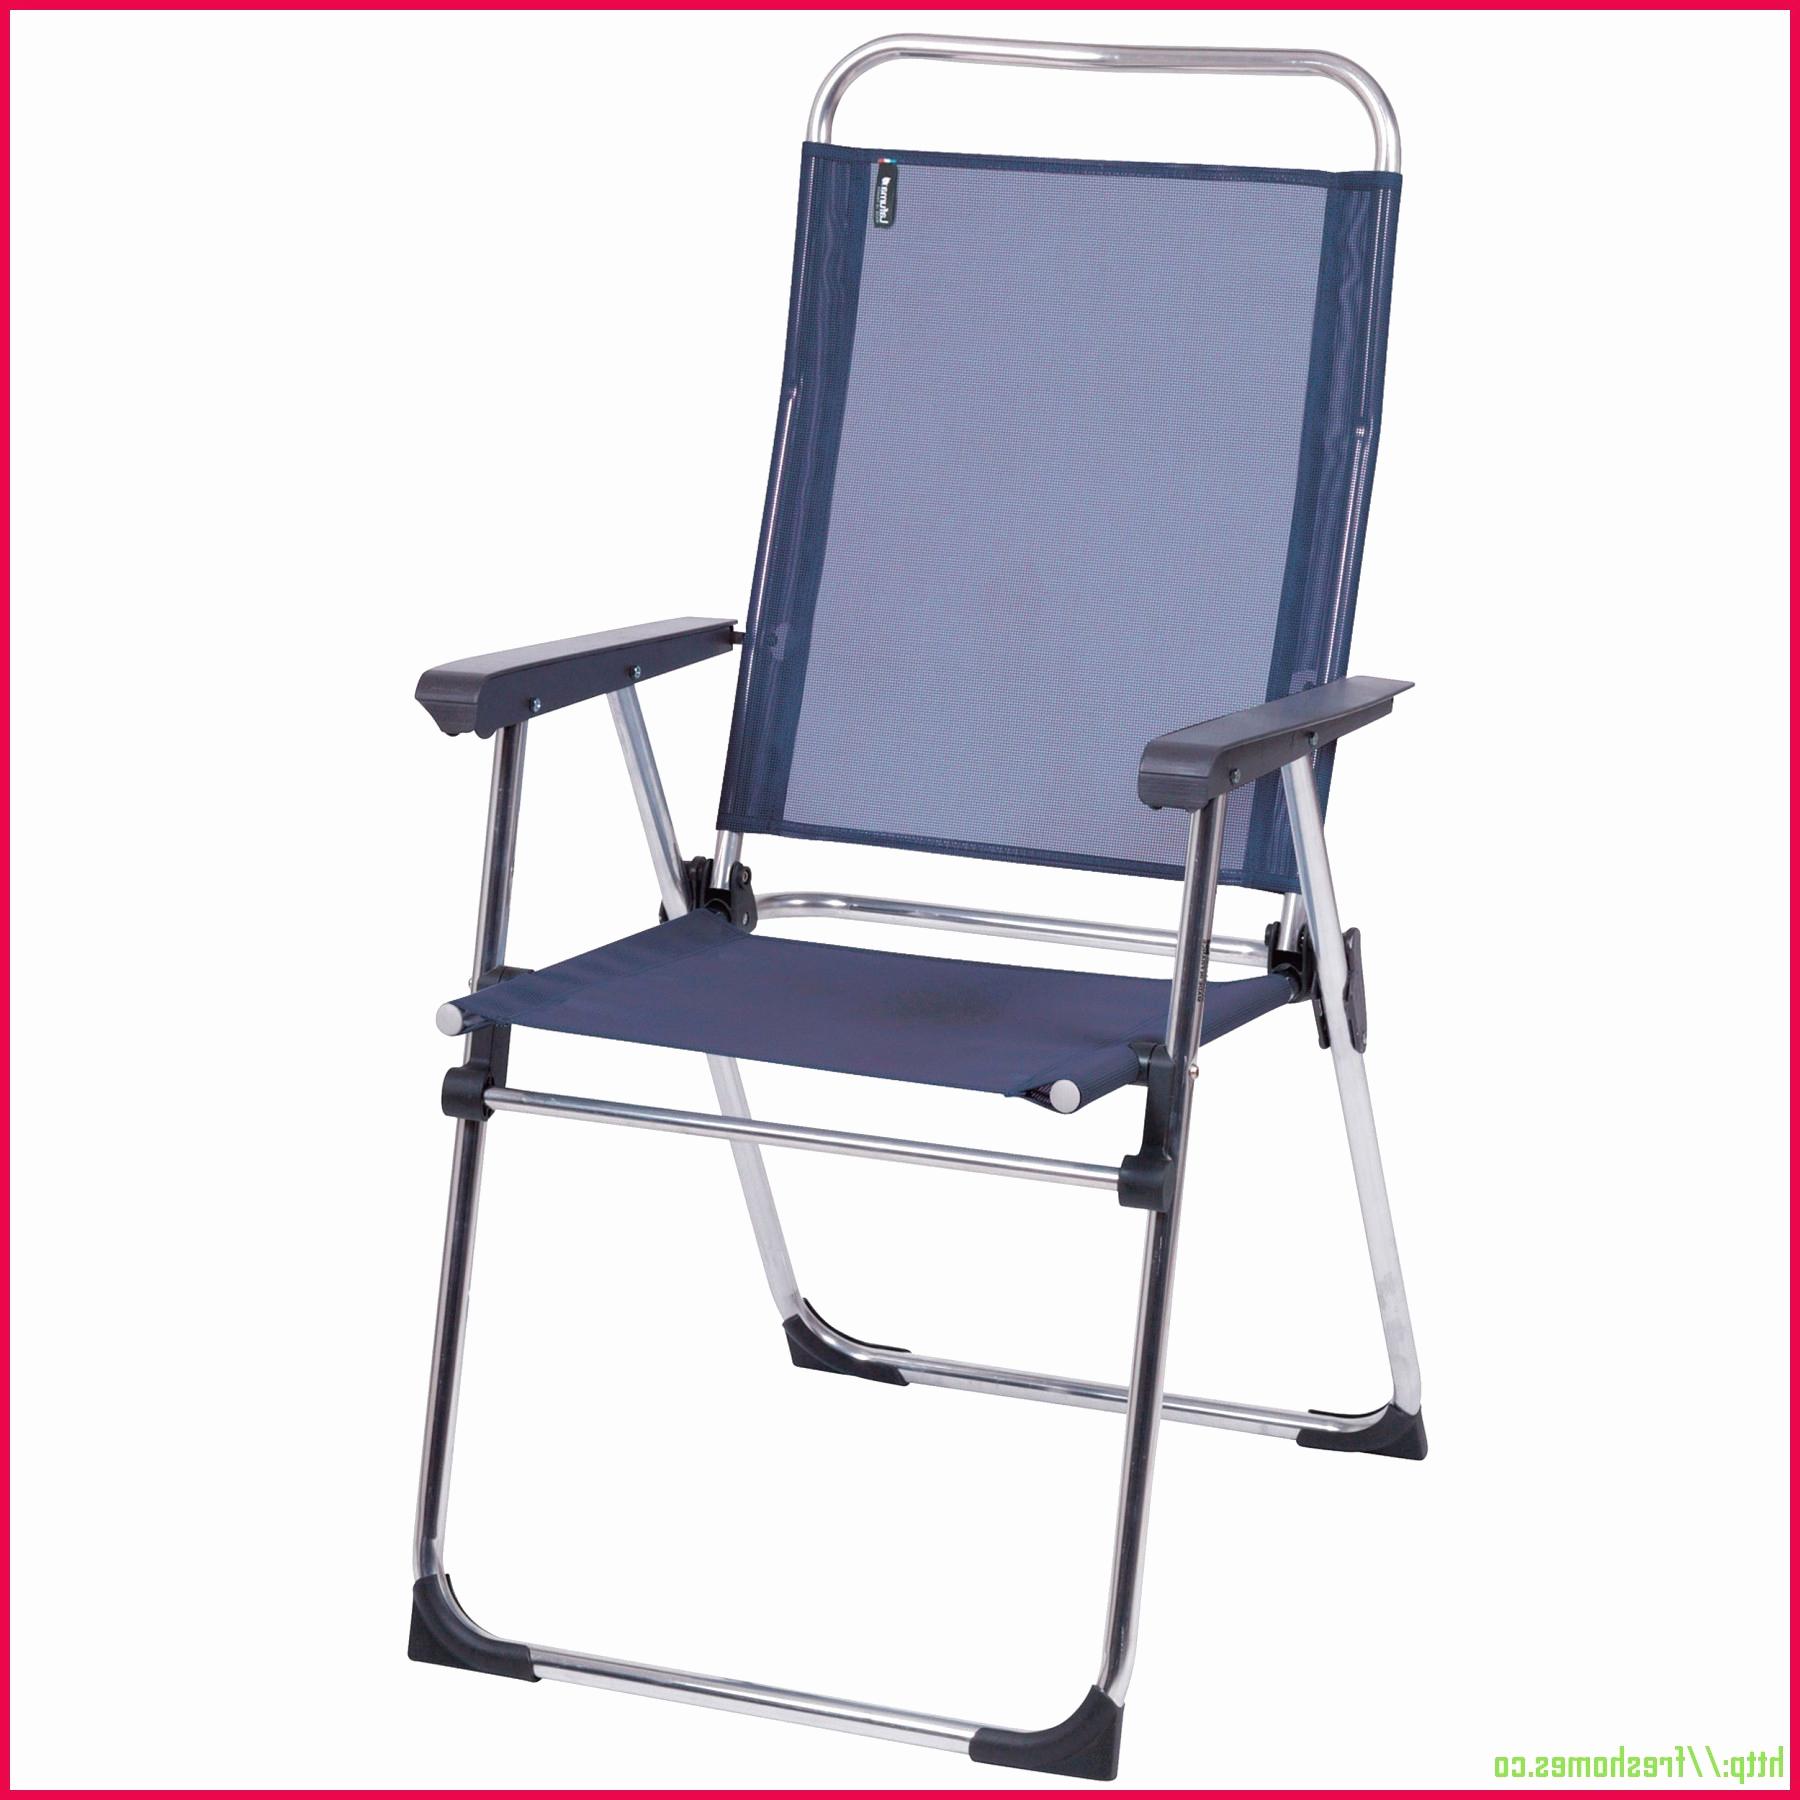 accessoire salle de bain carrefour unique fauteuil bureau carrefour of accessoire salle de bain carrefour